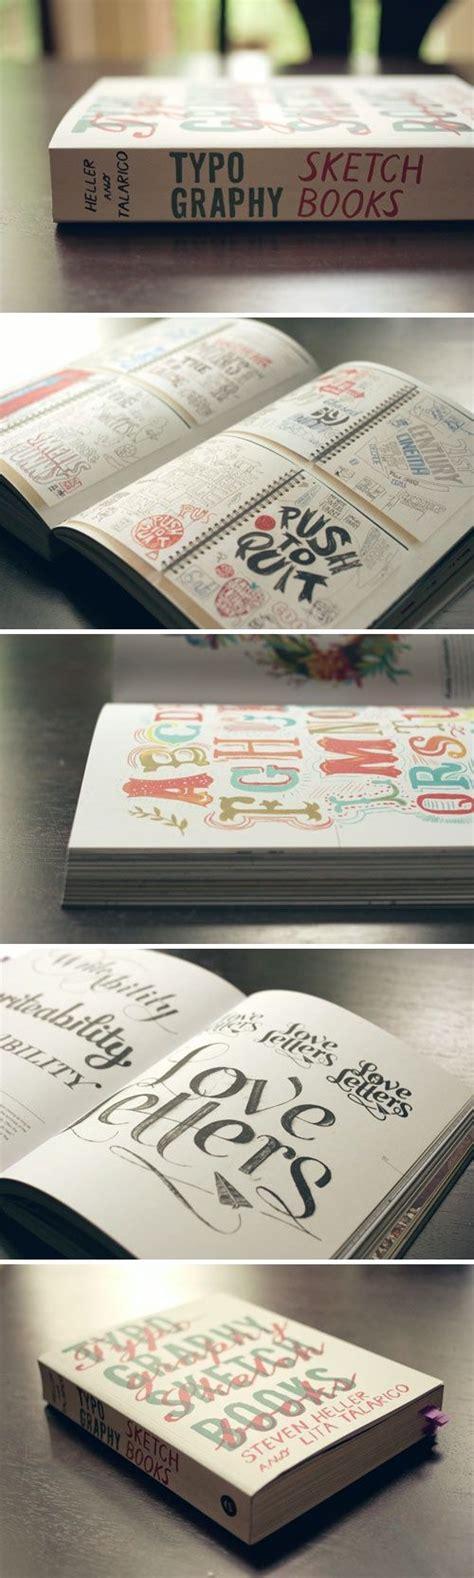 typography sketchbooks typography sketchbooks resource for improving hand lettering skills lettering inspiration